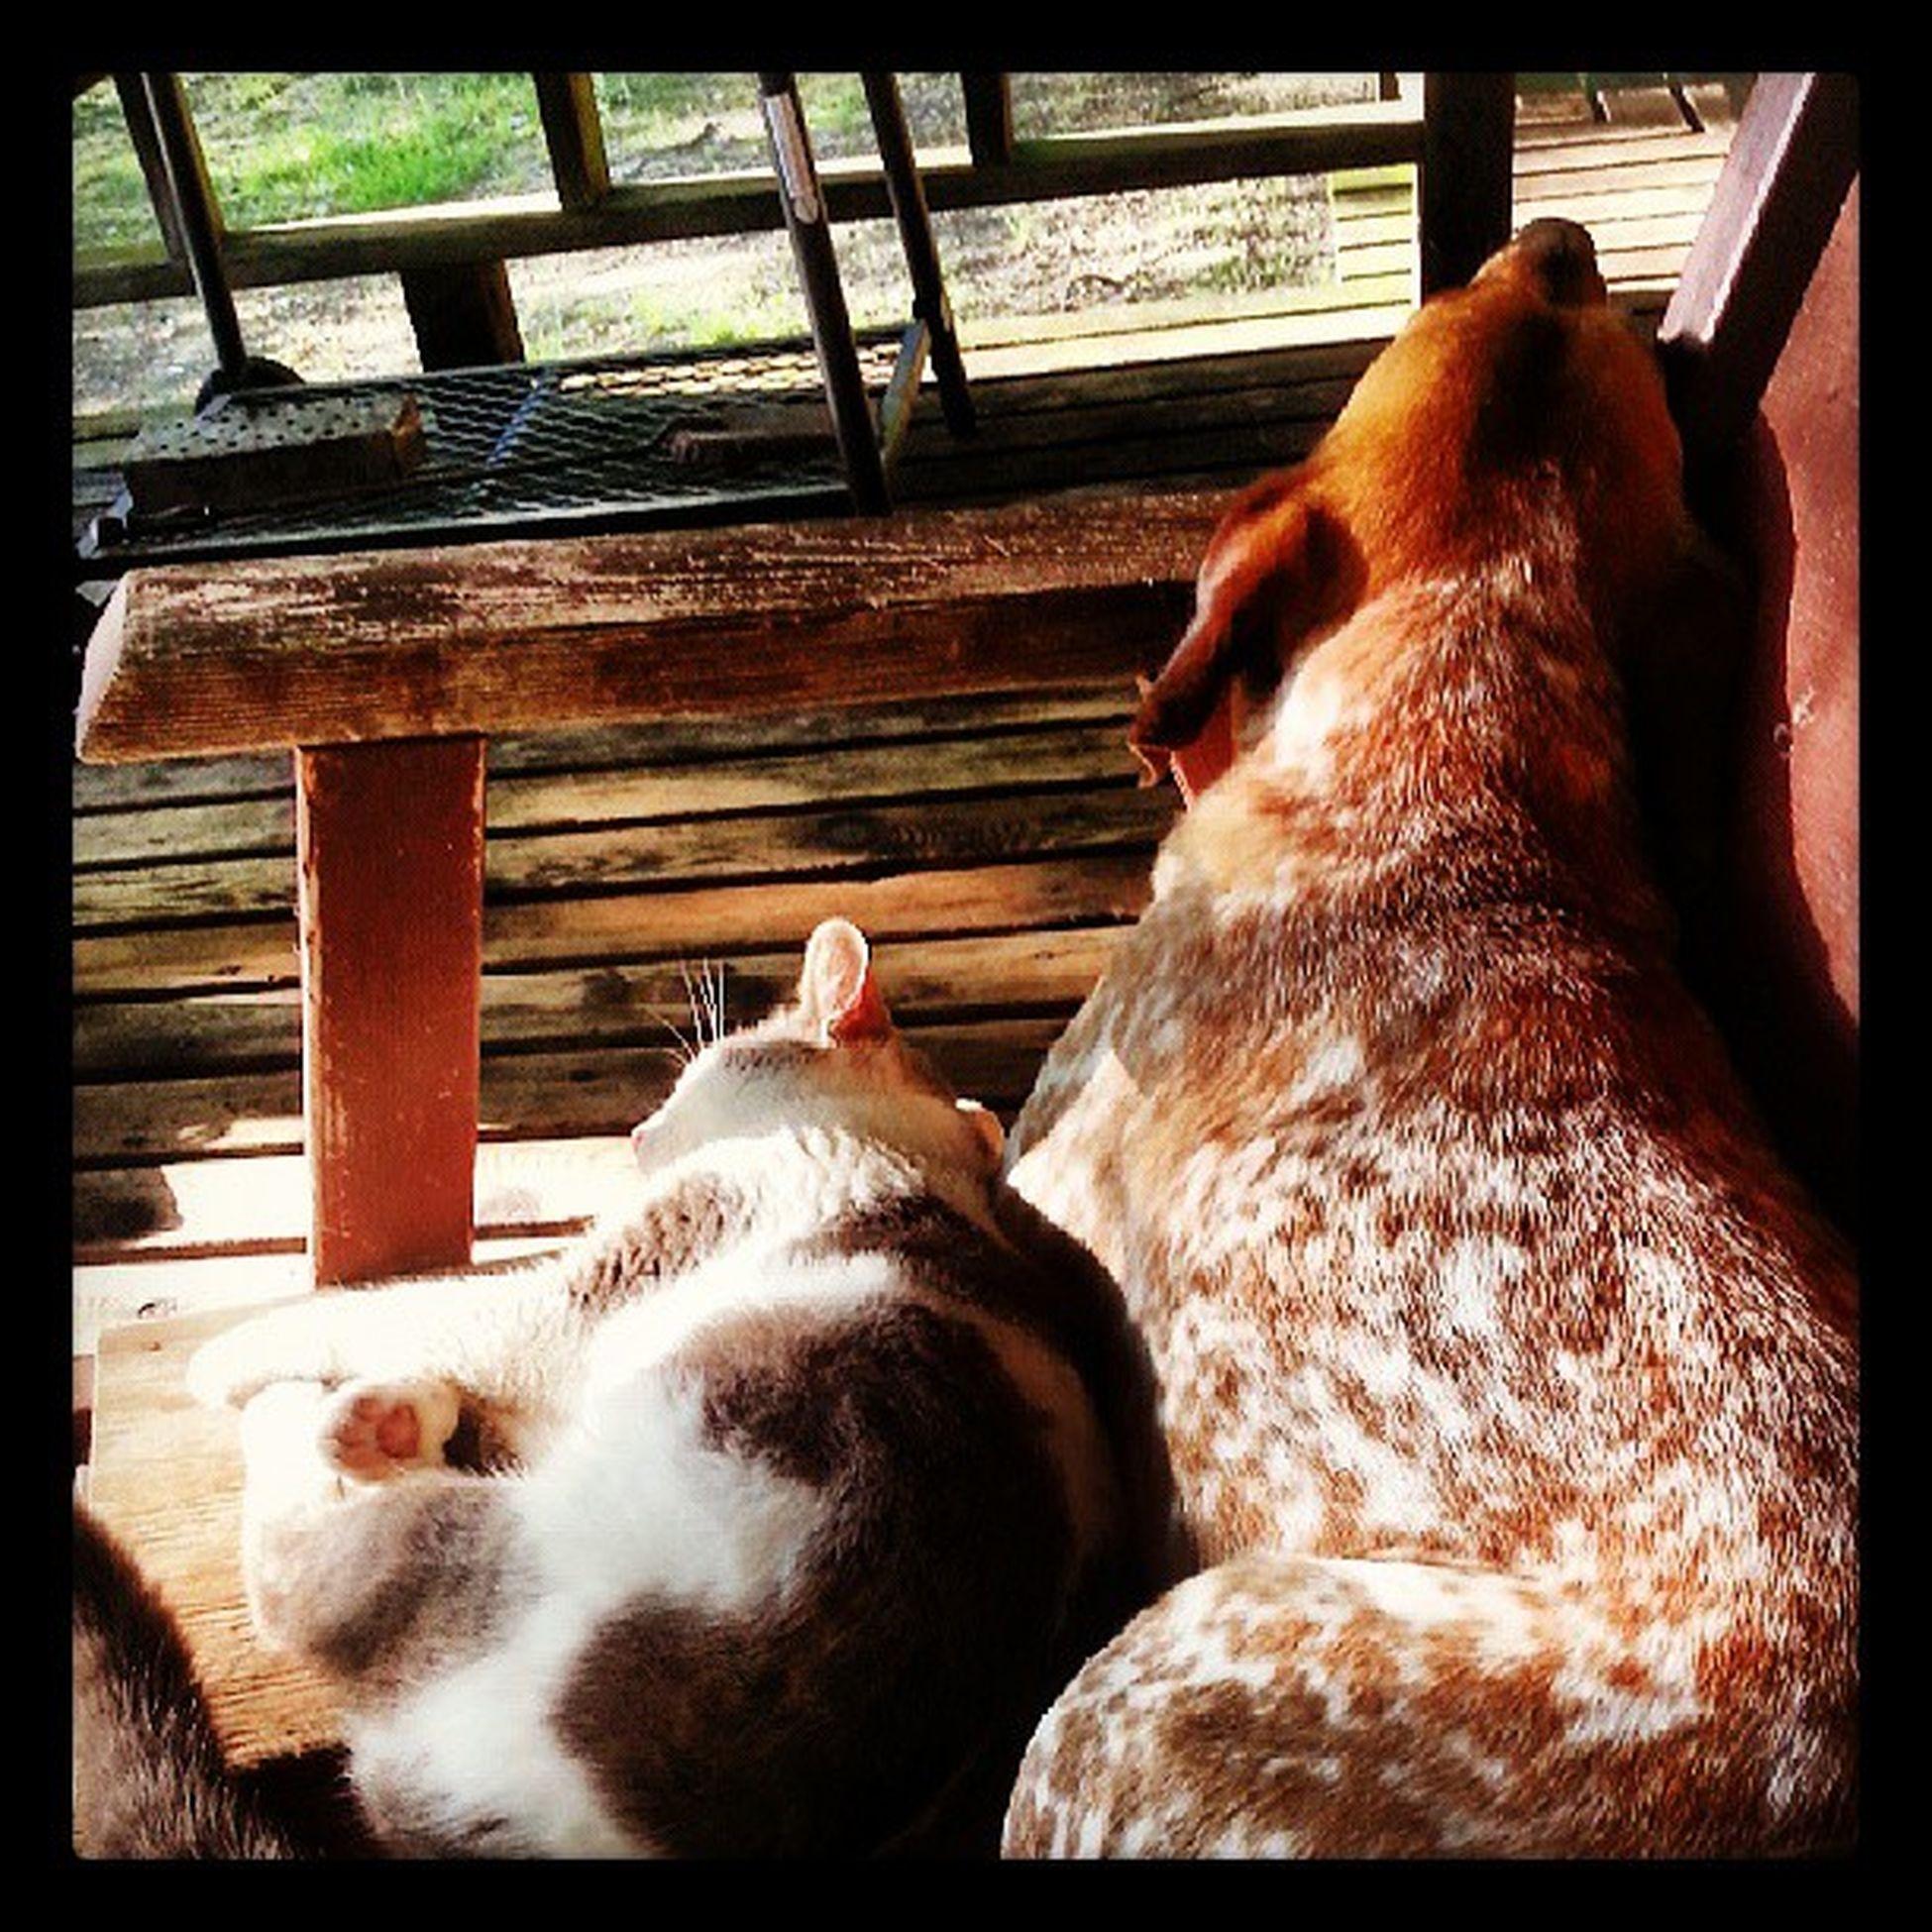 The Spotteddog and his Gato